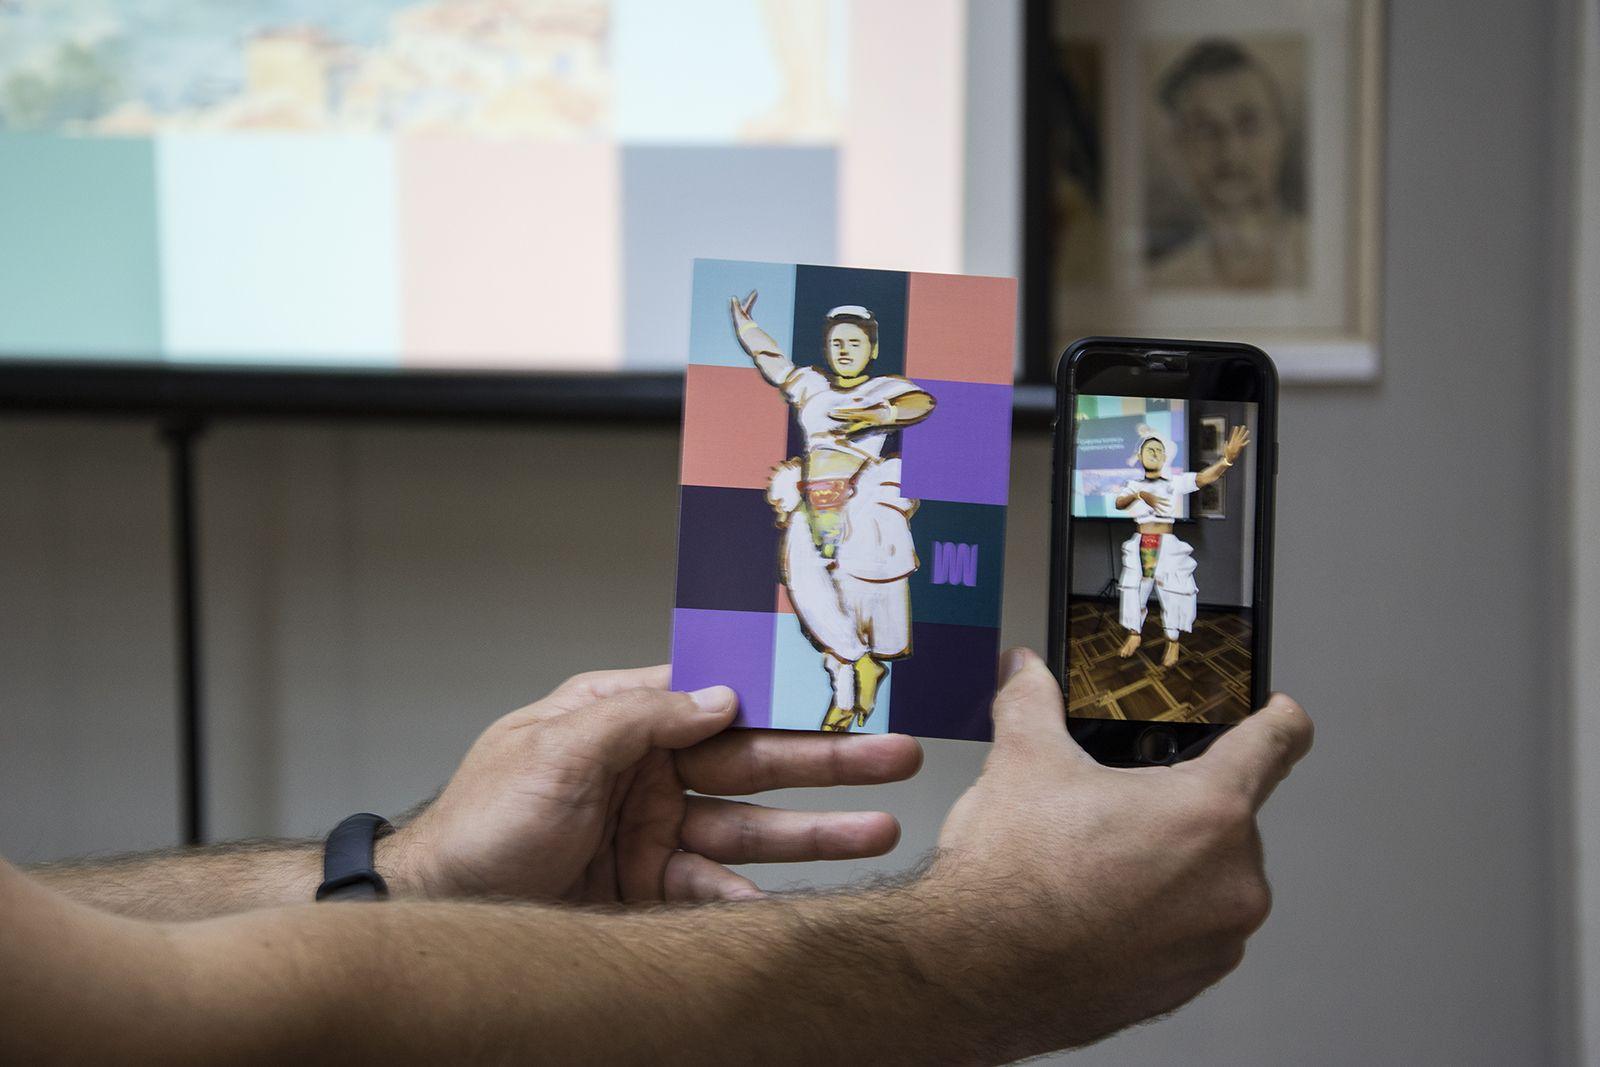 В Николаеве презентовали каталог оцифрованной музейной графики и открытки с дополненной реальностью